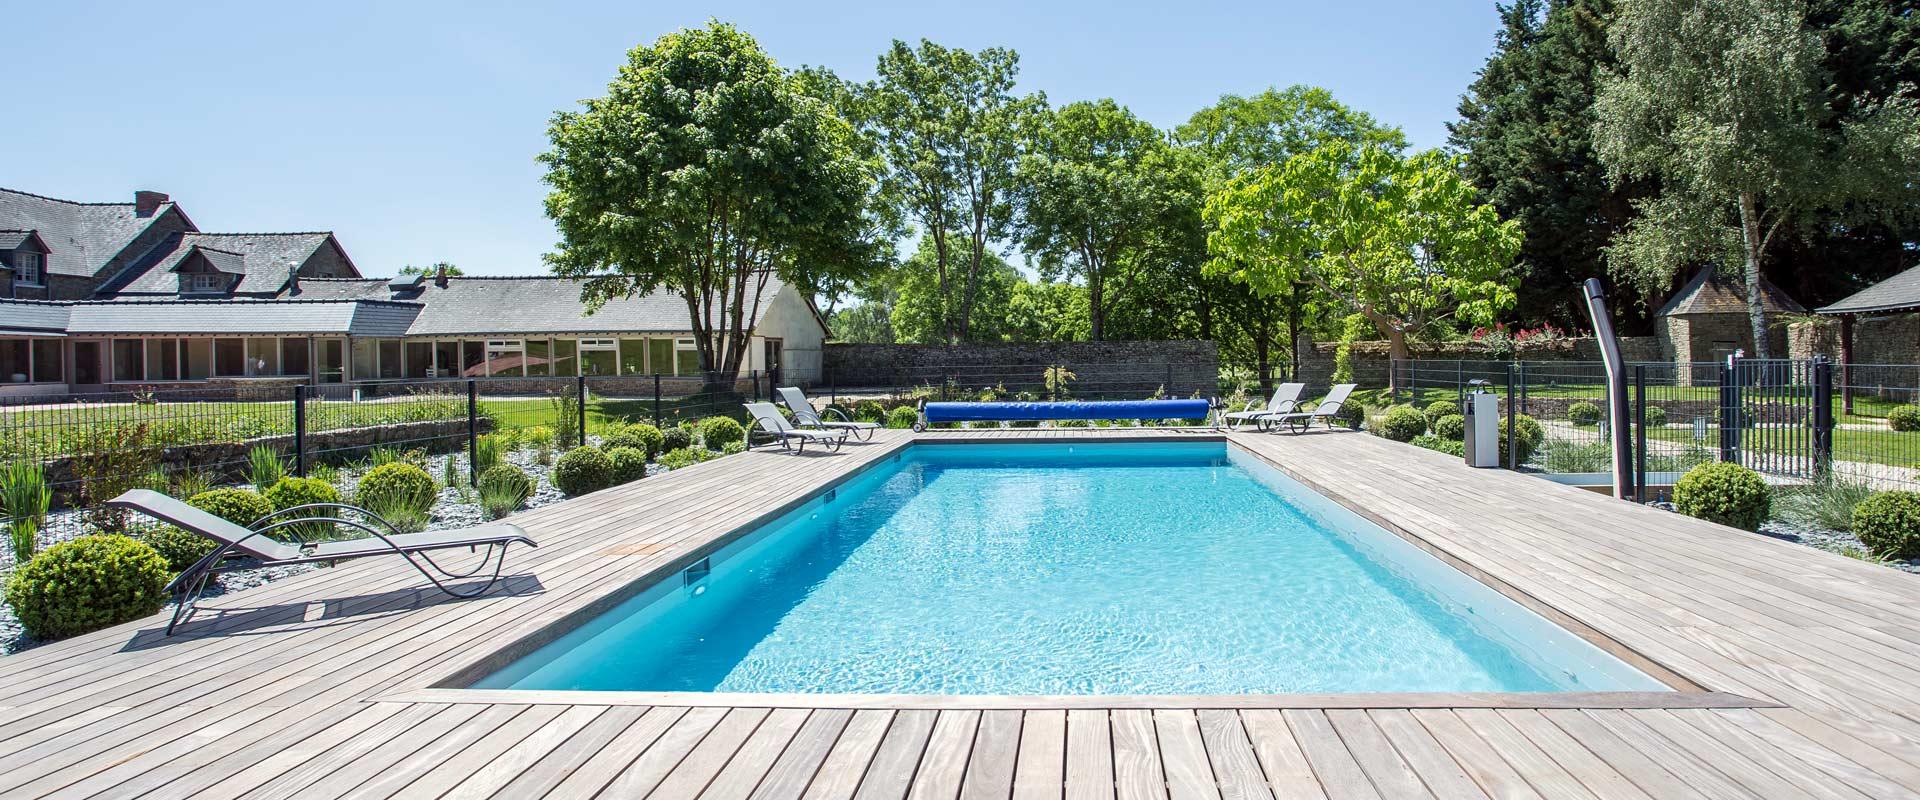 hotel de luxe avec piscine